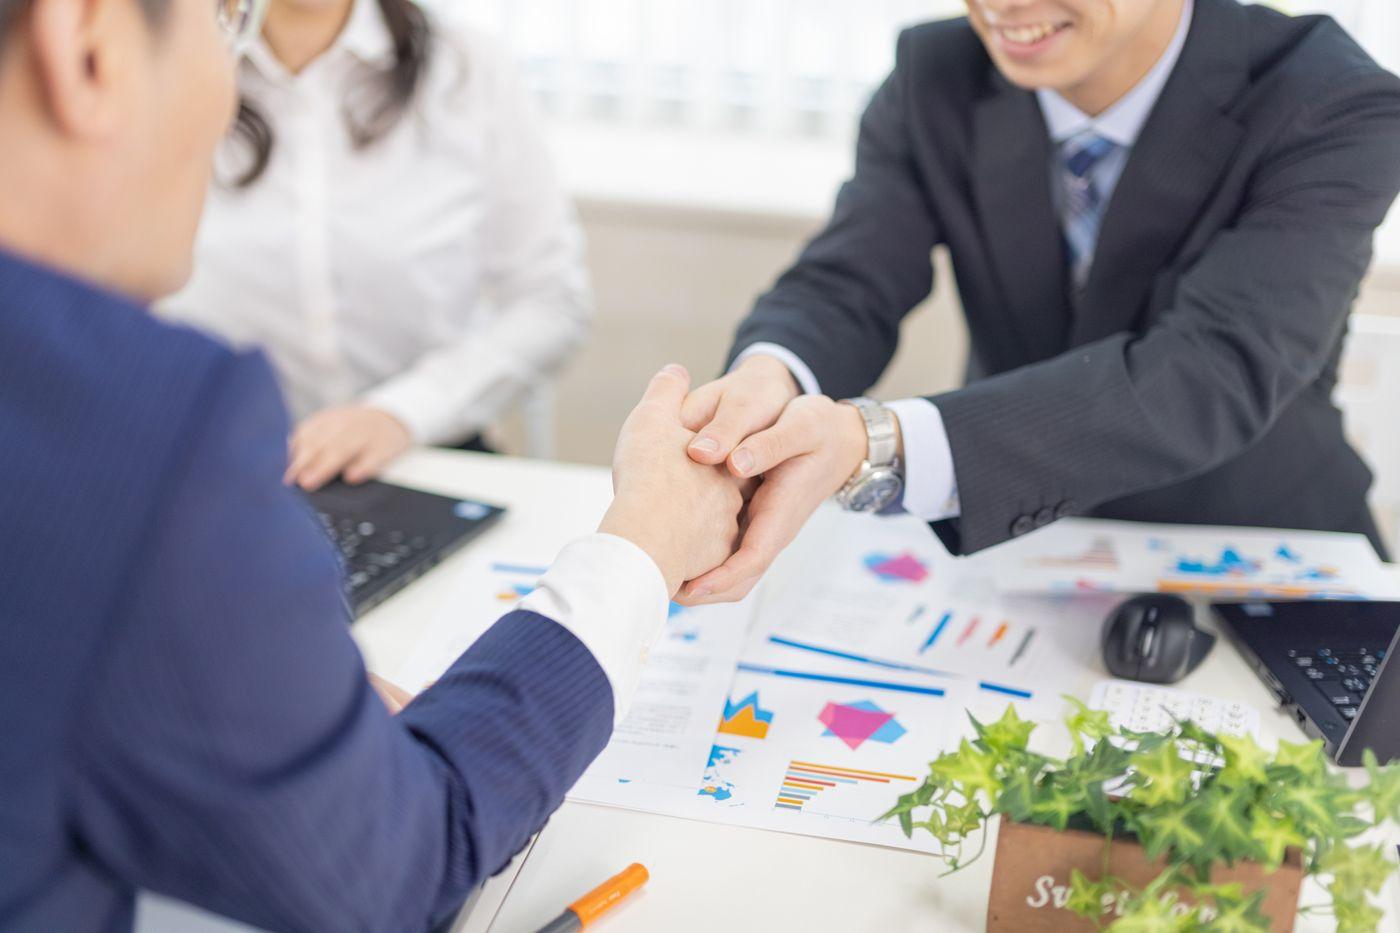 両手でクライアントの手を握りしめる担当者の写真